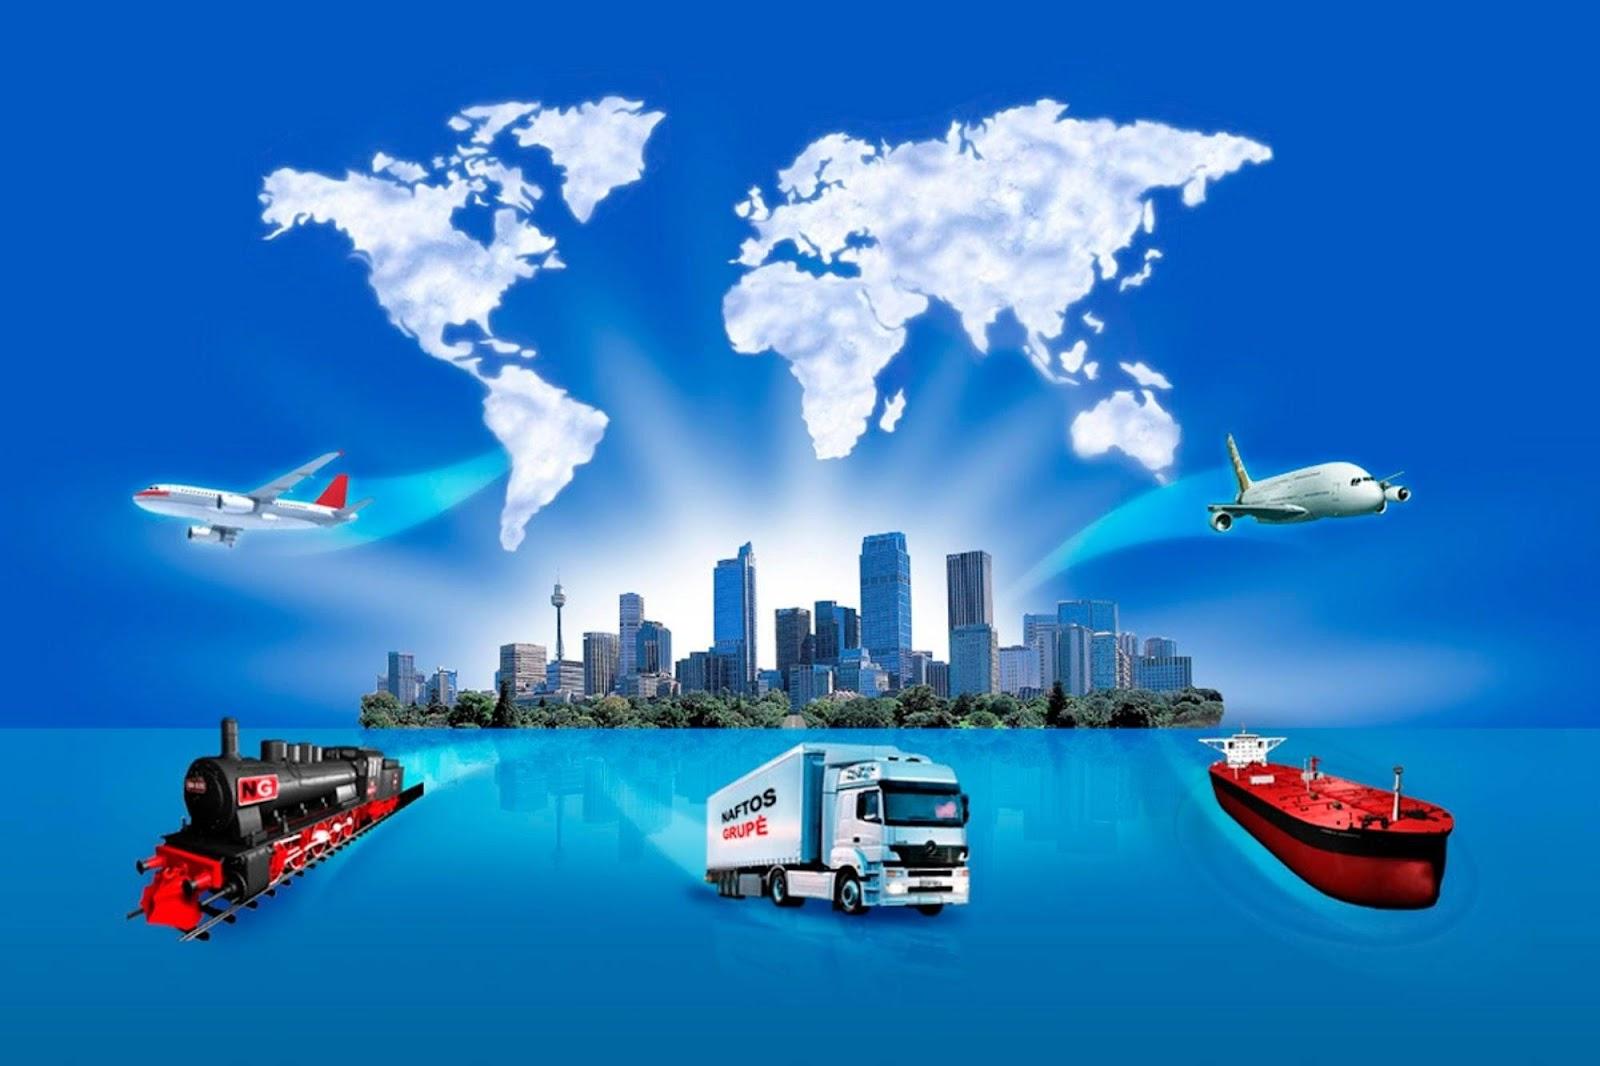 ết quả hình ảnh cho Logistics – đón đầu xu hướng vận tải quốc tế